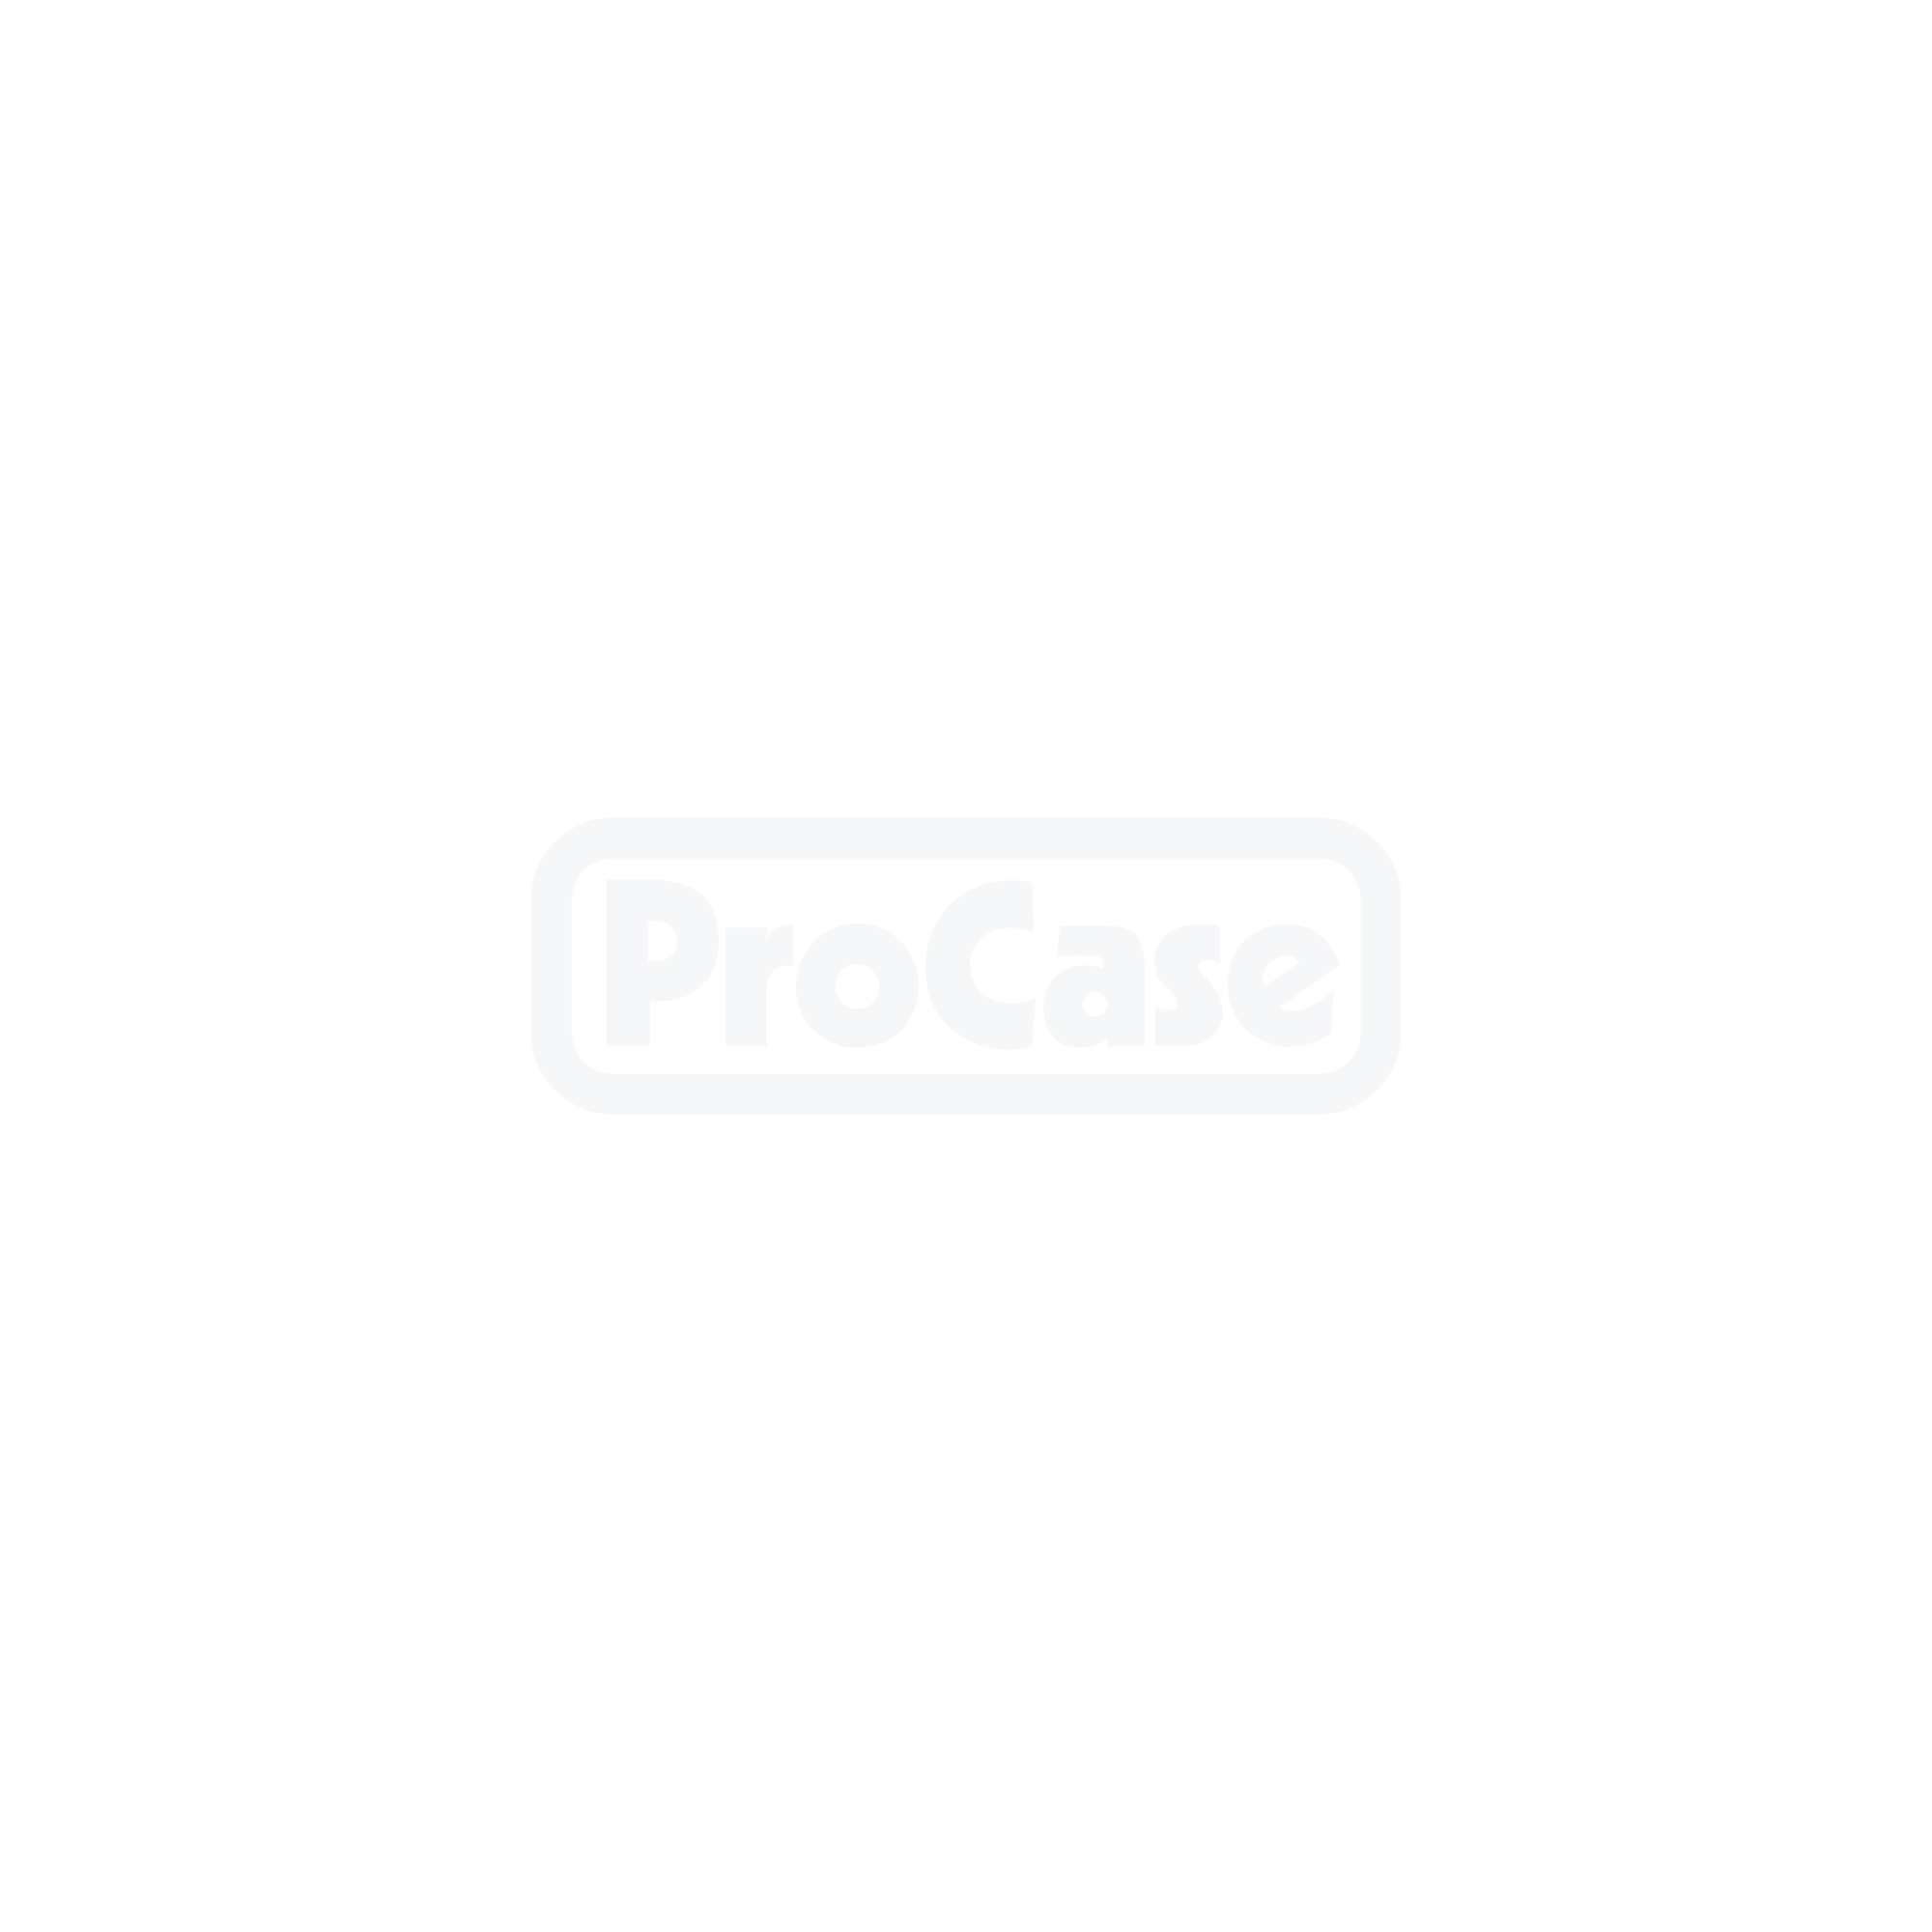 QSD Stack-Rack 6HE 800 tief 3